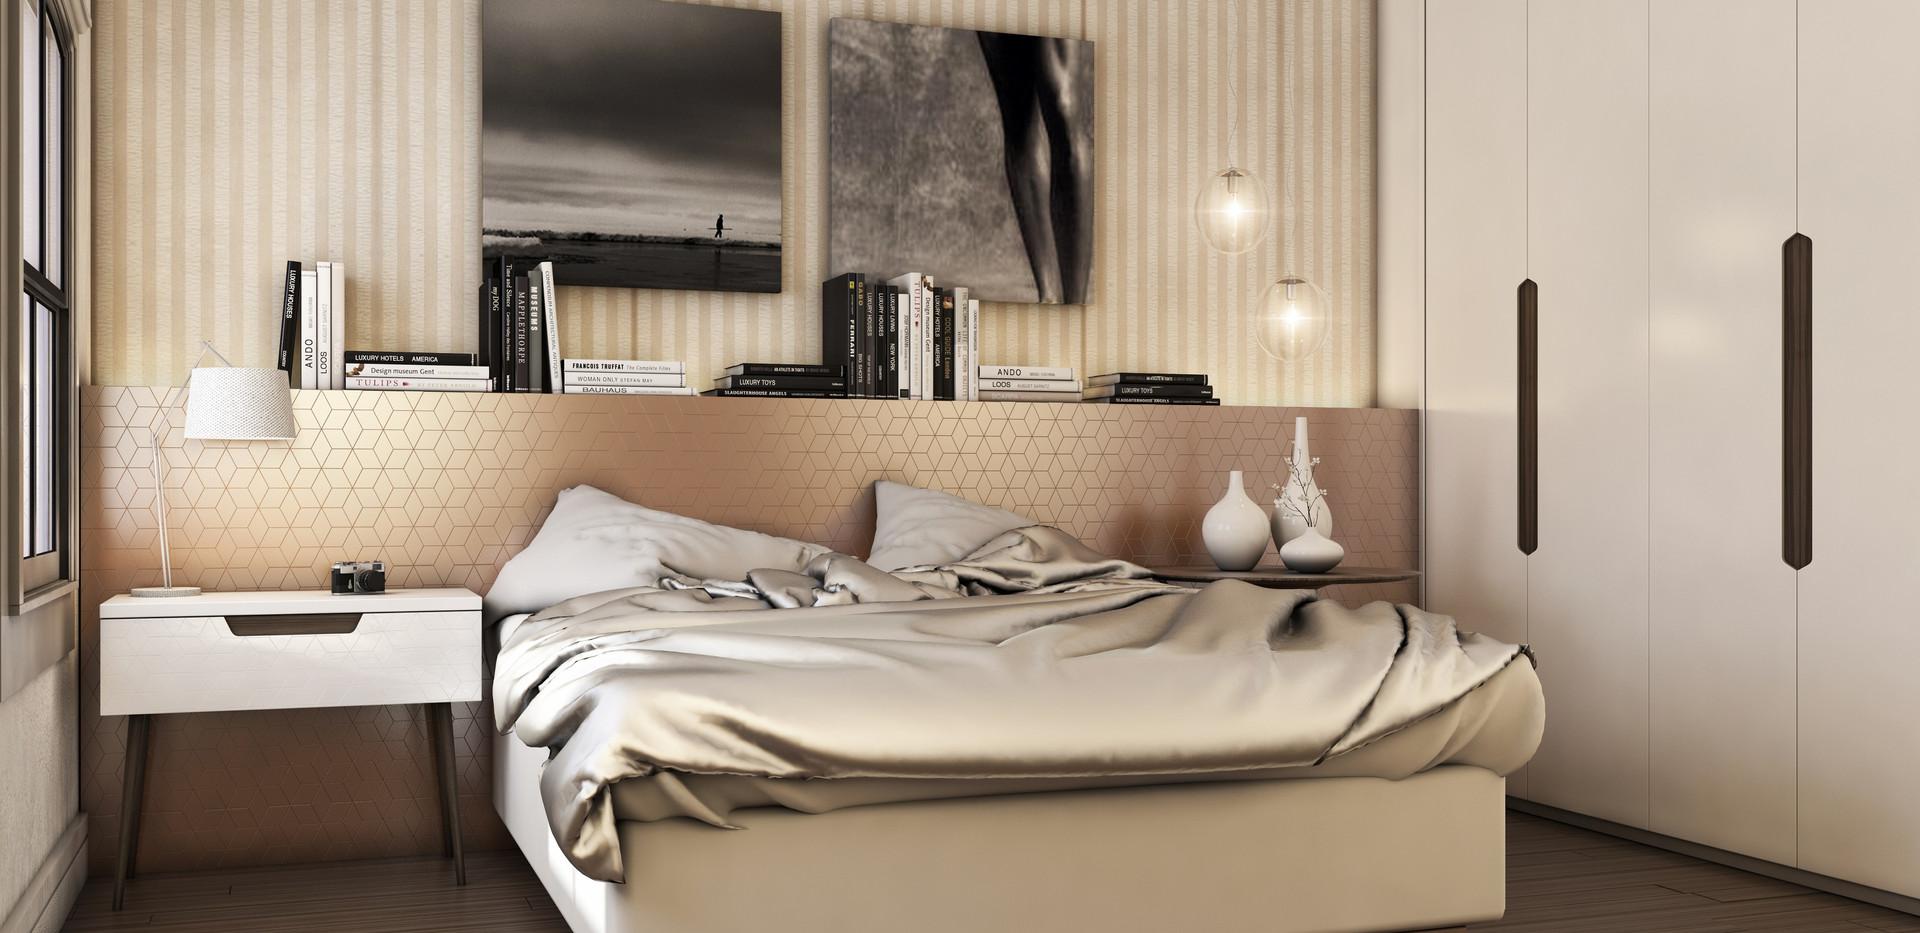 DOR18_dormitorio_quarto_guarda_roupa_móv